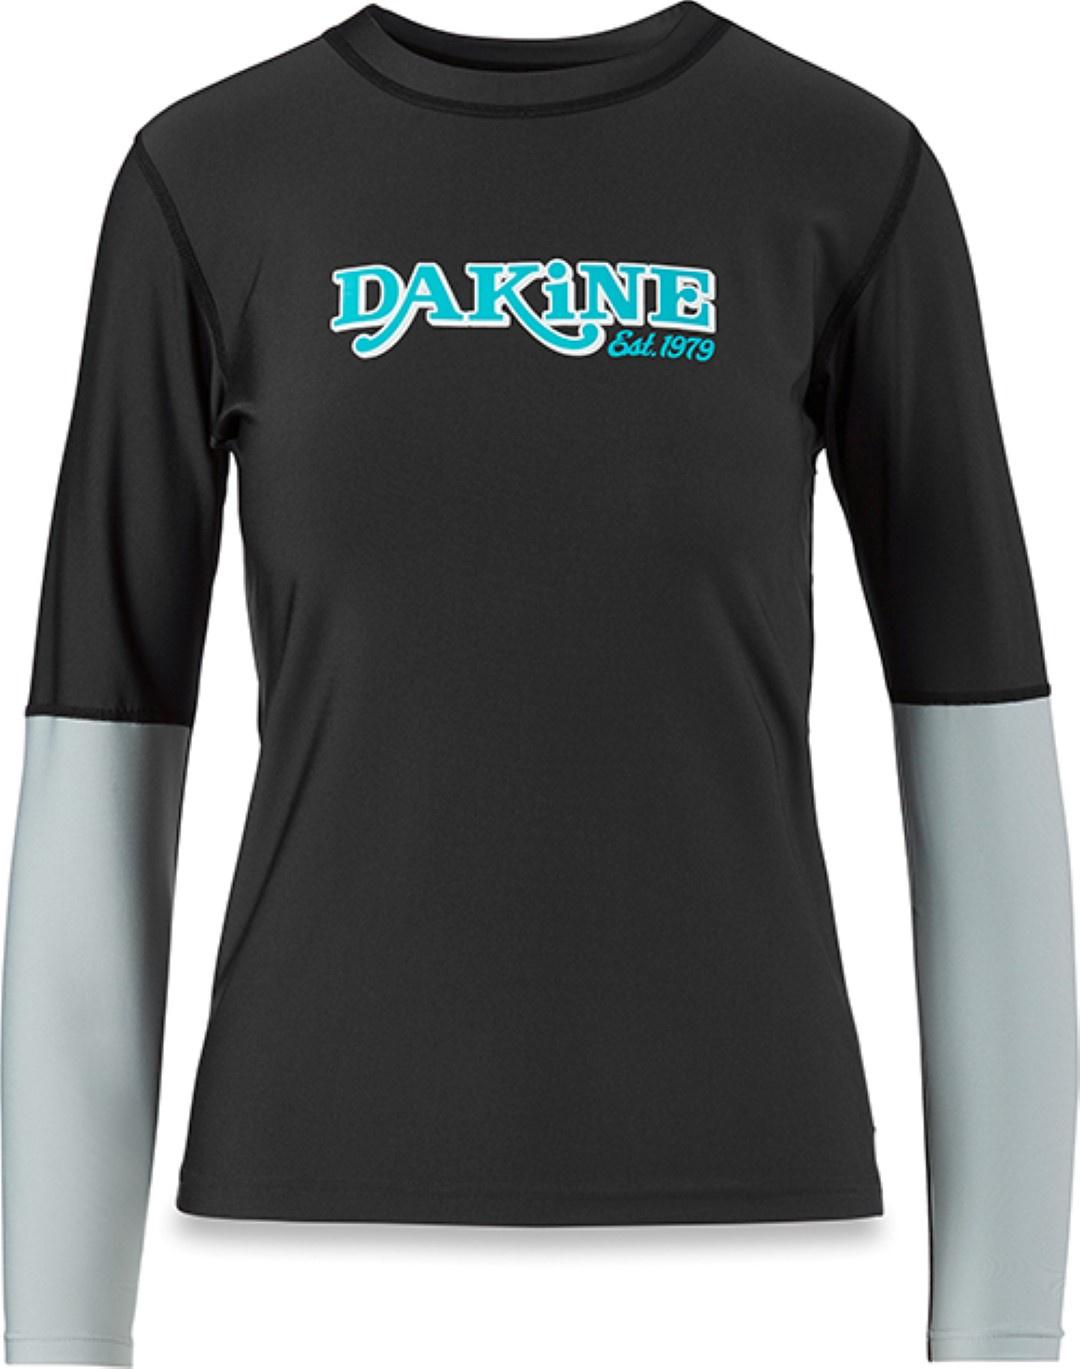 Гидрокостюм DAKINE DAKINE-10001675, черный лонгслив мужской reebok re ls tee цвет черный du4298 размер s 46